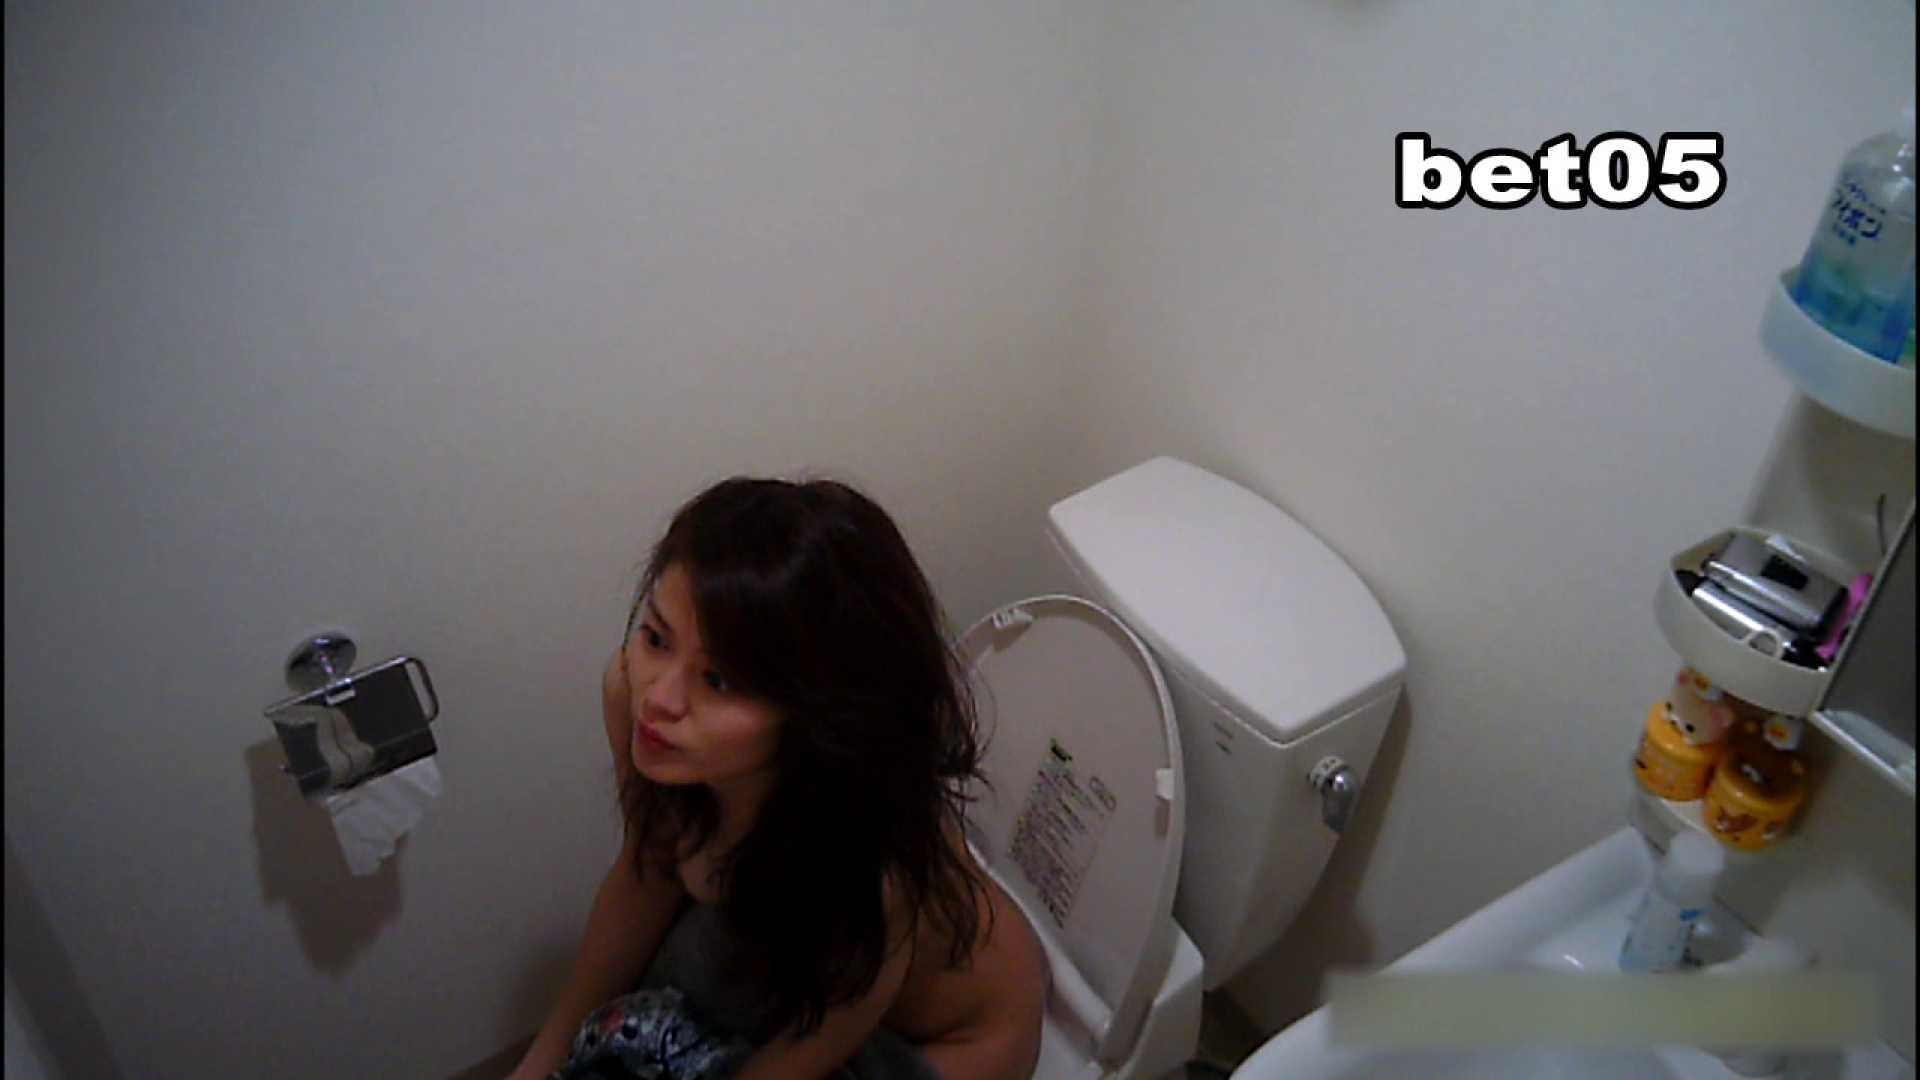 ミキ・大手旅行代理店勤務(24歳・仮名) vol.05 オマケで全裸洗面所も公開 リベンジ  100PIX 8